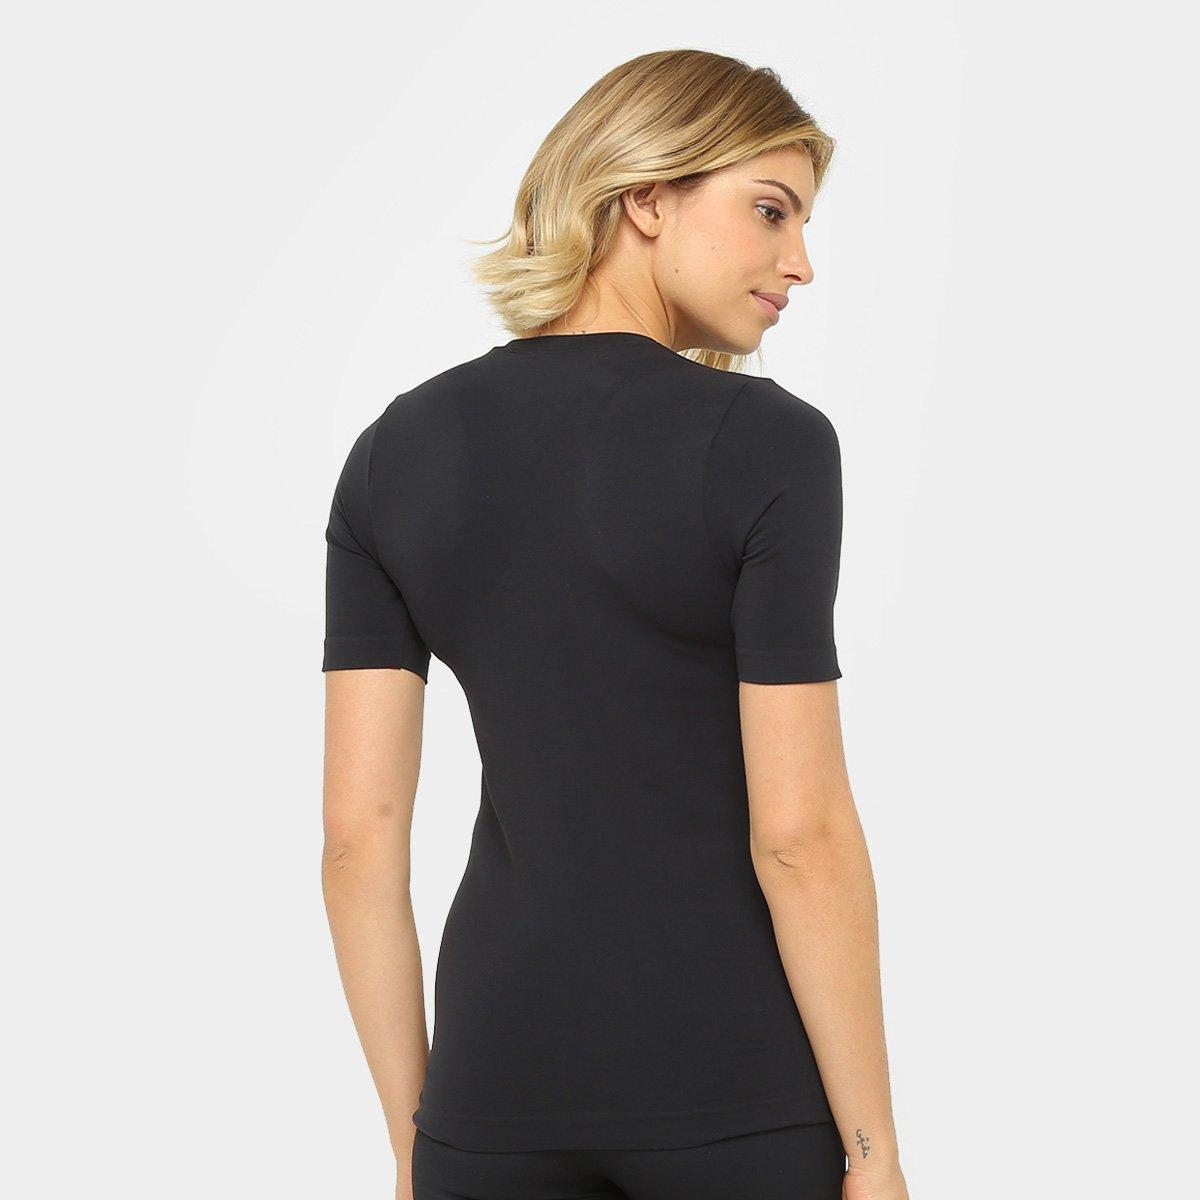 Camiseta Lupo Sport Térmica I-Core Feminina - Compre Agora  f8f25166daa94